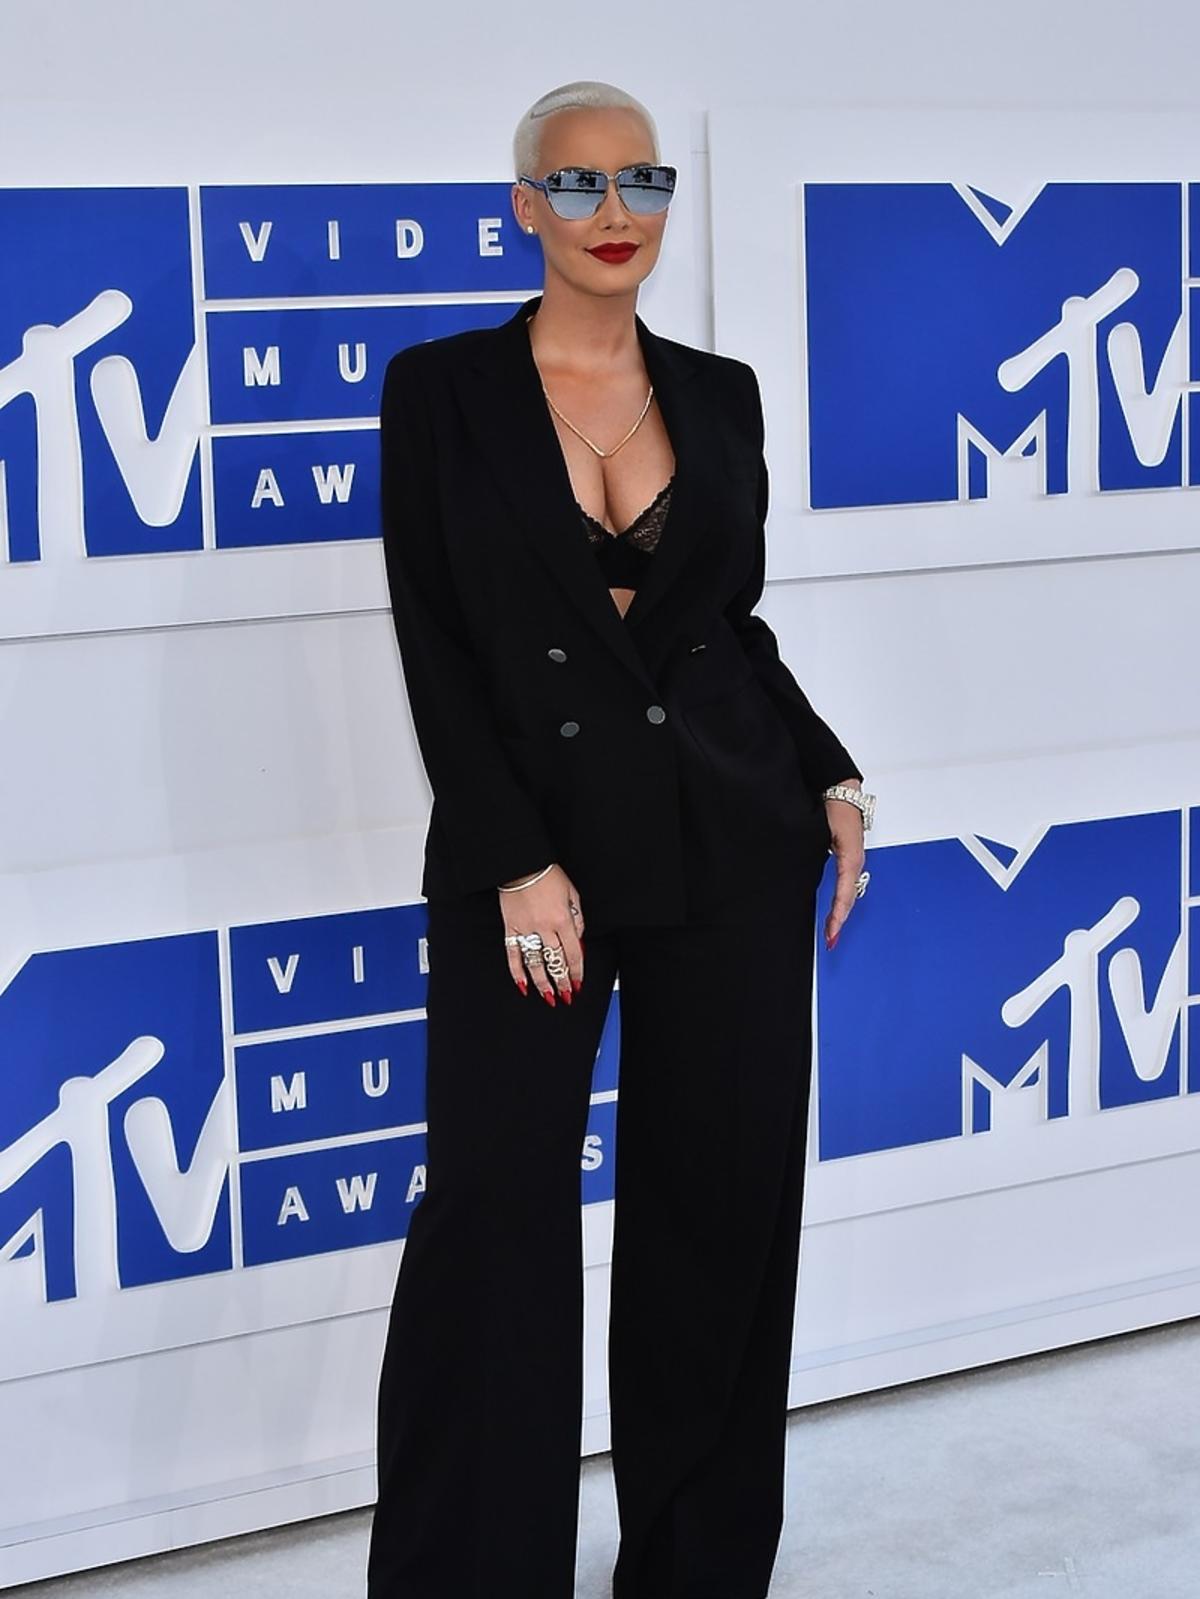 Gala MTV Video Music Awards 2016 Amber Rose